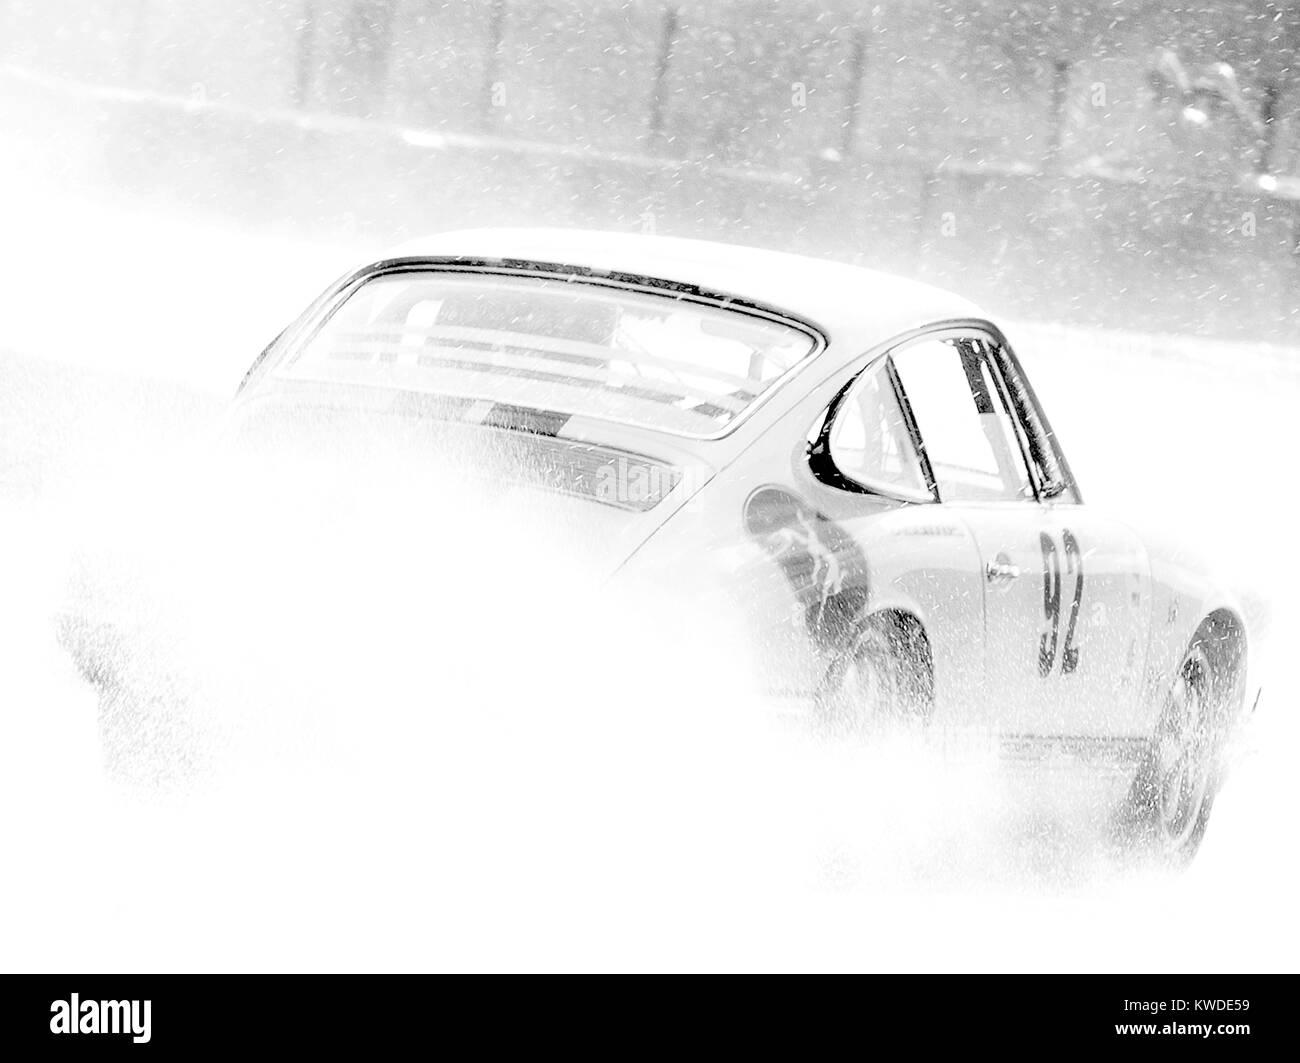 Porsche 911, in rain Spa 6hrs classic Black and white, no 92 - Stock Image